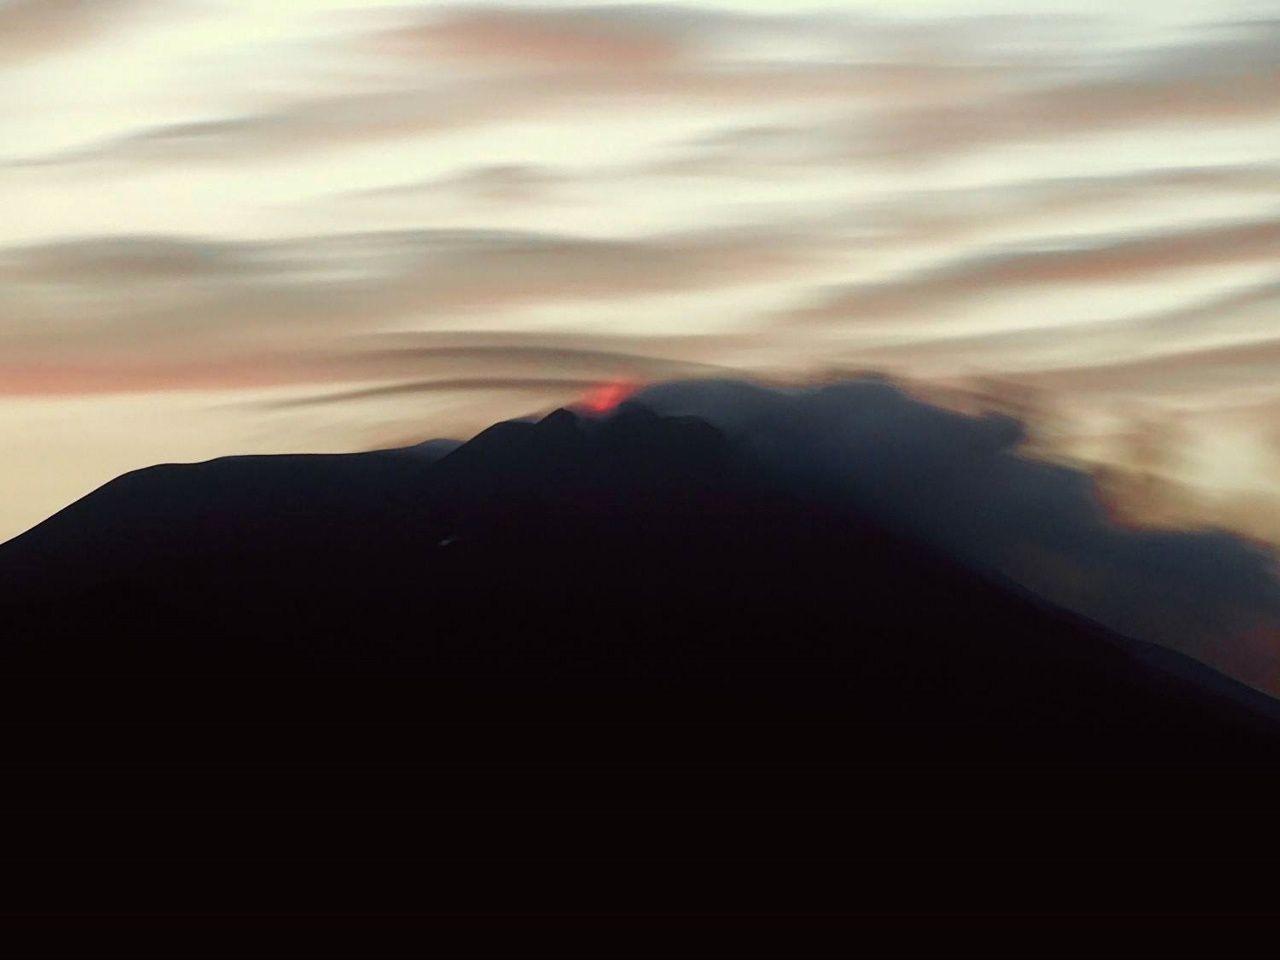 Etna 14.05.2017 / 20h35 - 11° épisode éruptif avorté - photo boris Behncke